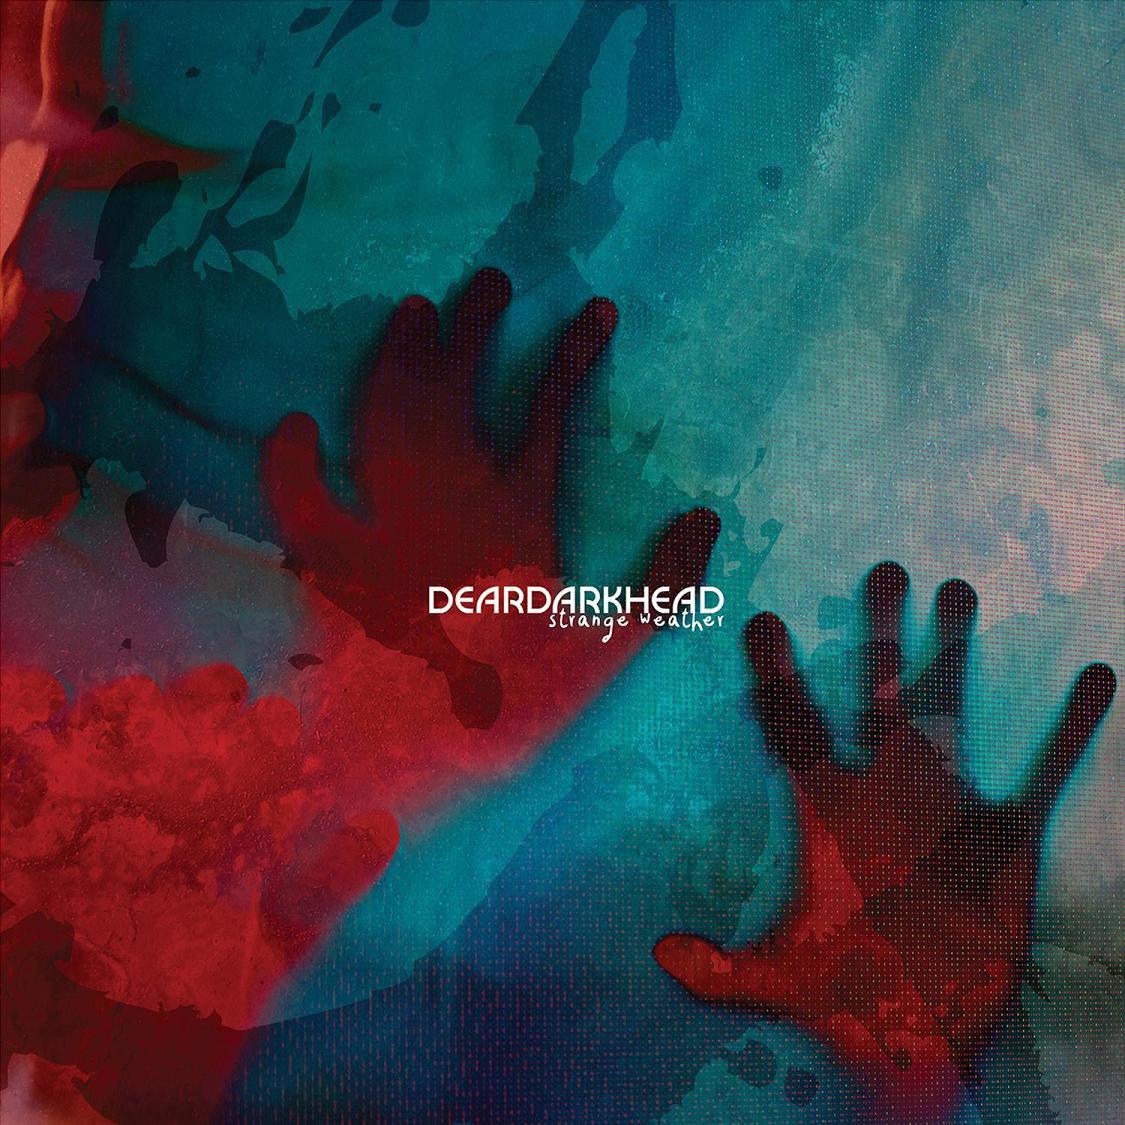 DEARDARKHEAD - STRANGE WEATHER (BLK) (GATE) (LTD) (DLCD)